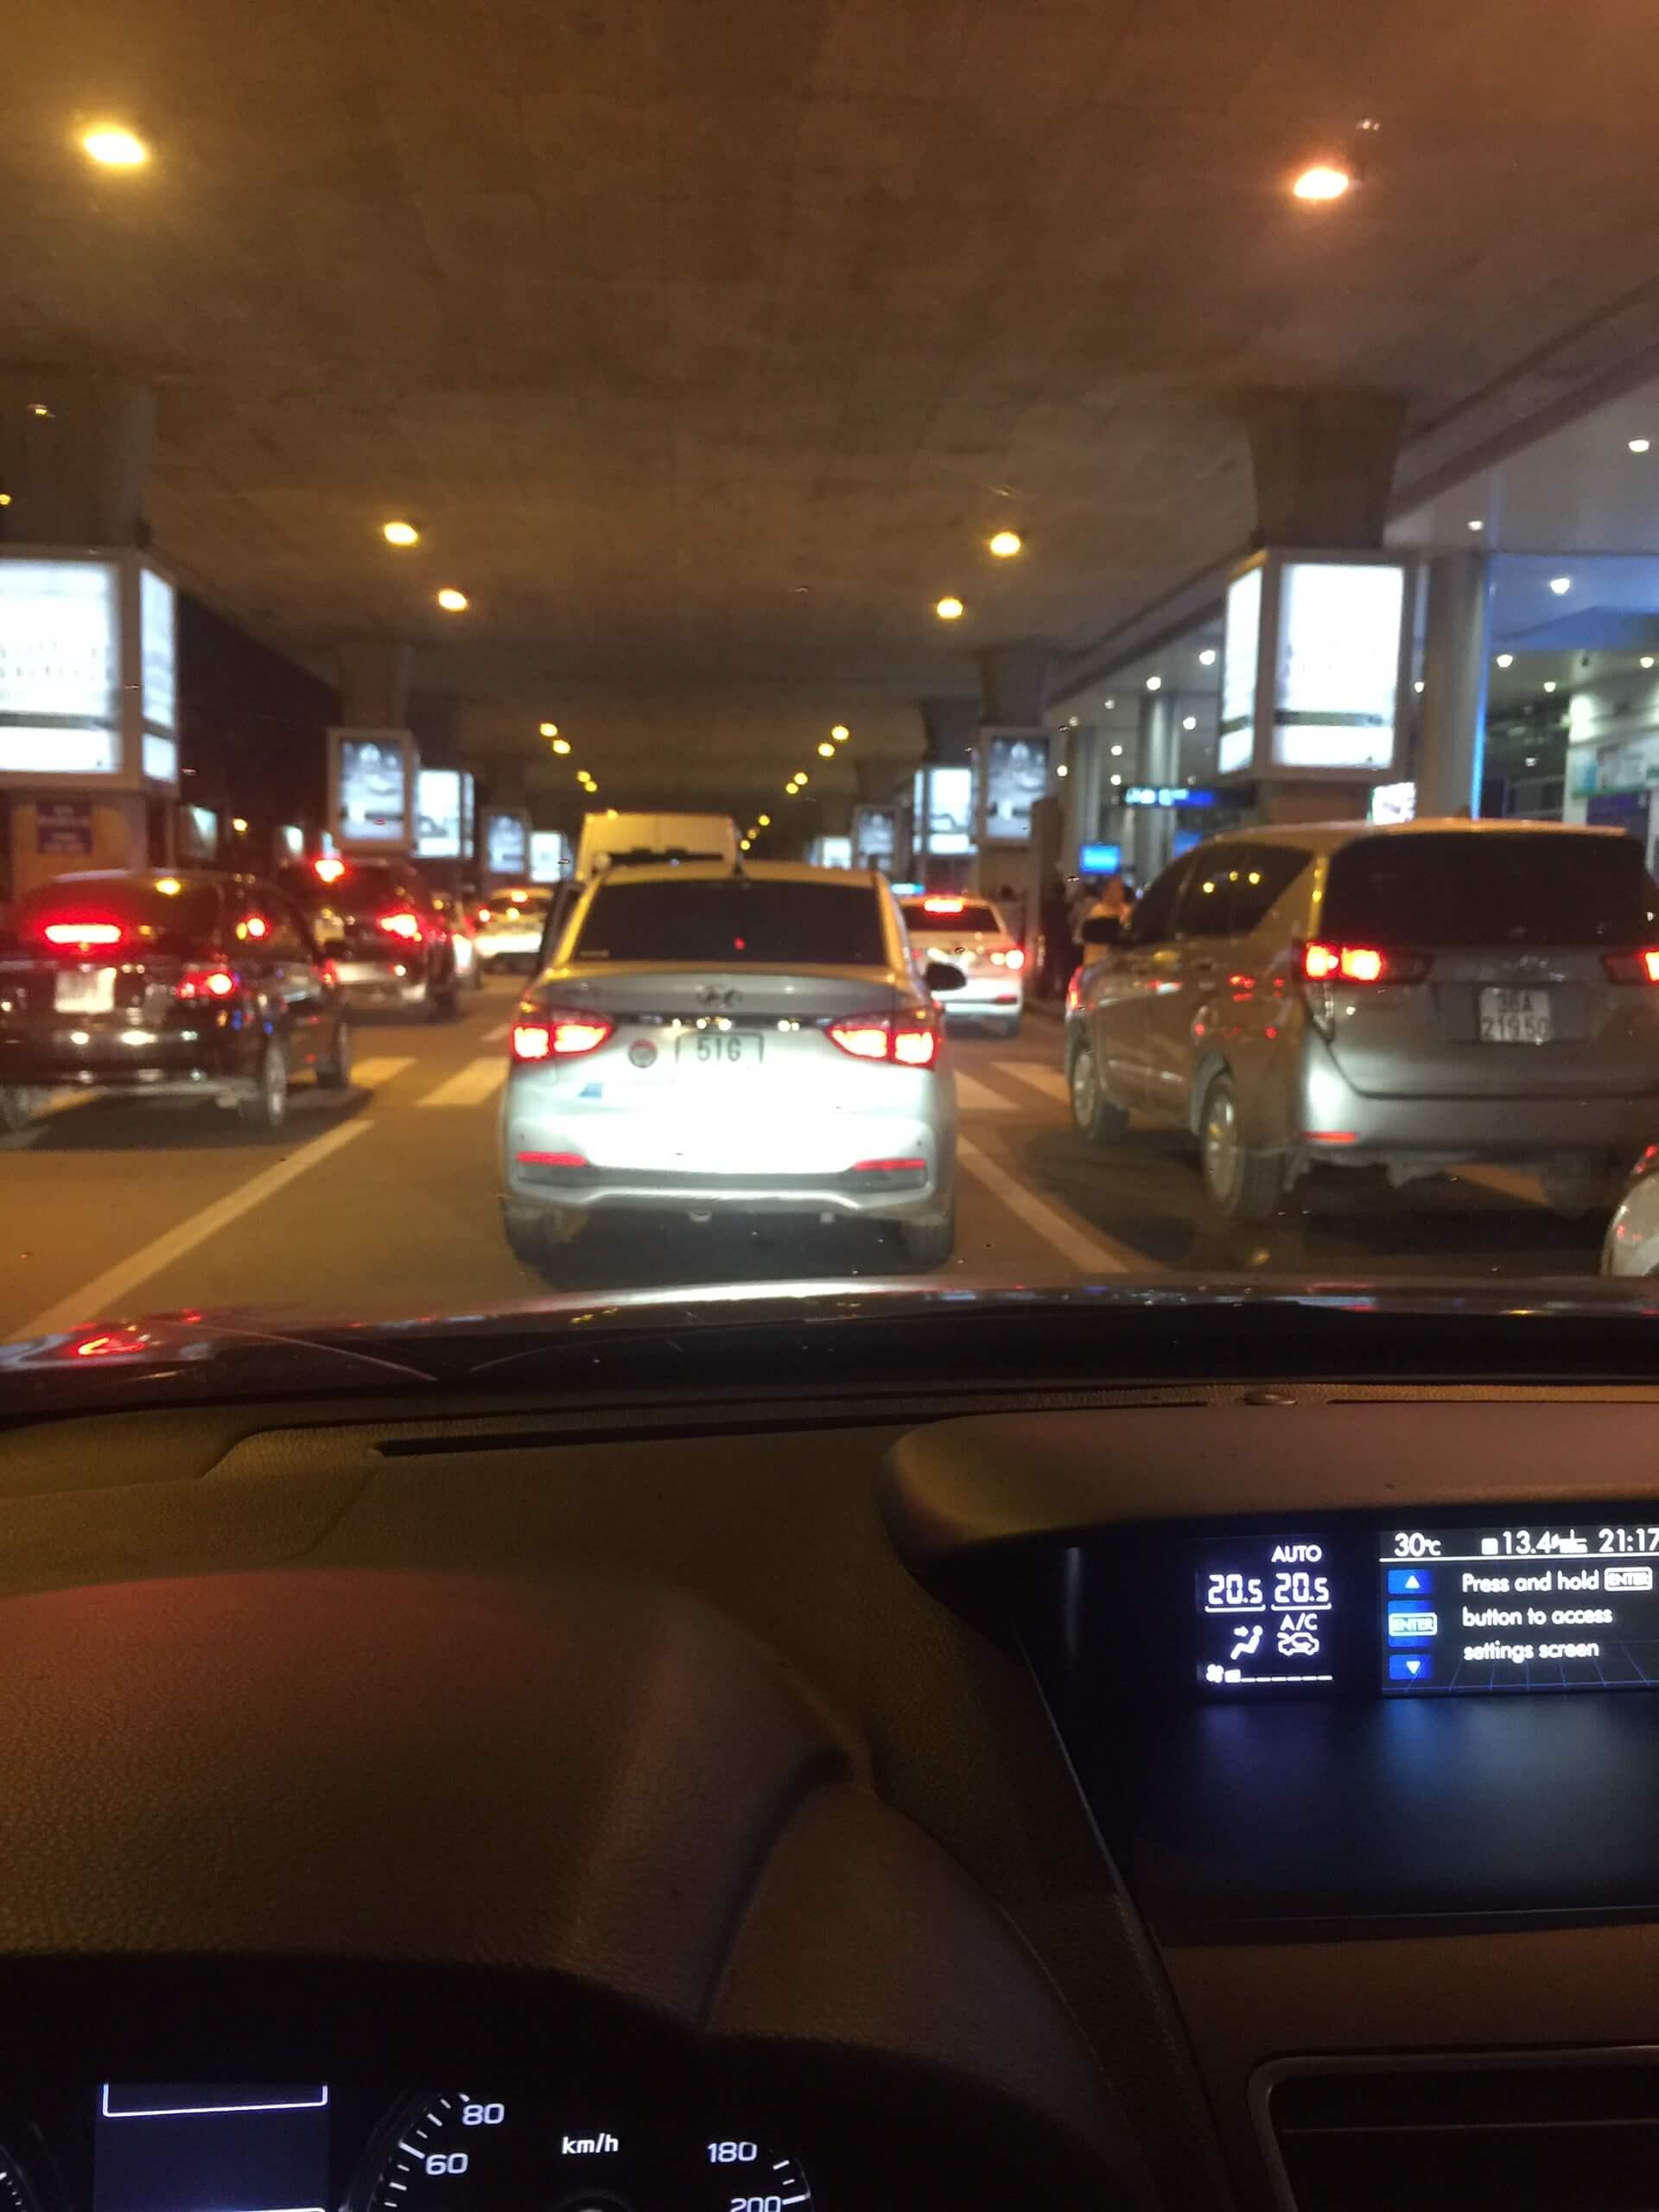 Kinh nghiệm đưa đón khách ở sân bay Tân Sơn Nhất